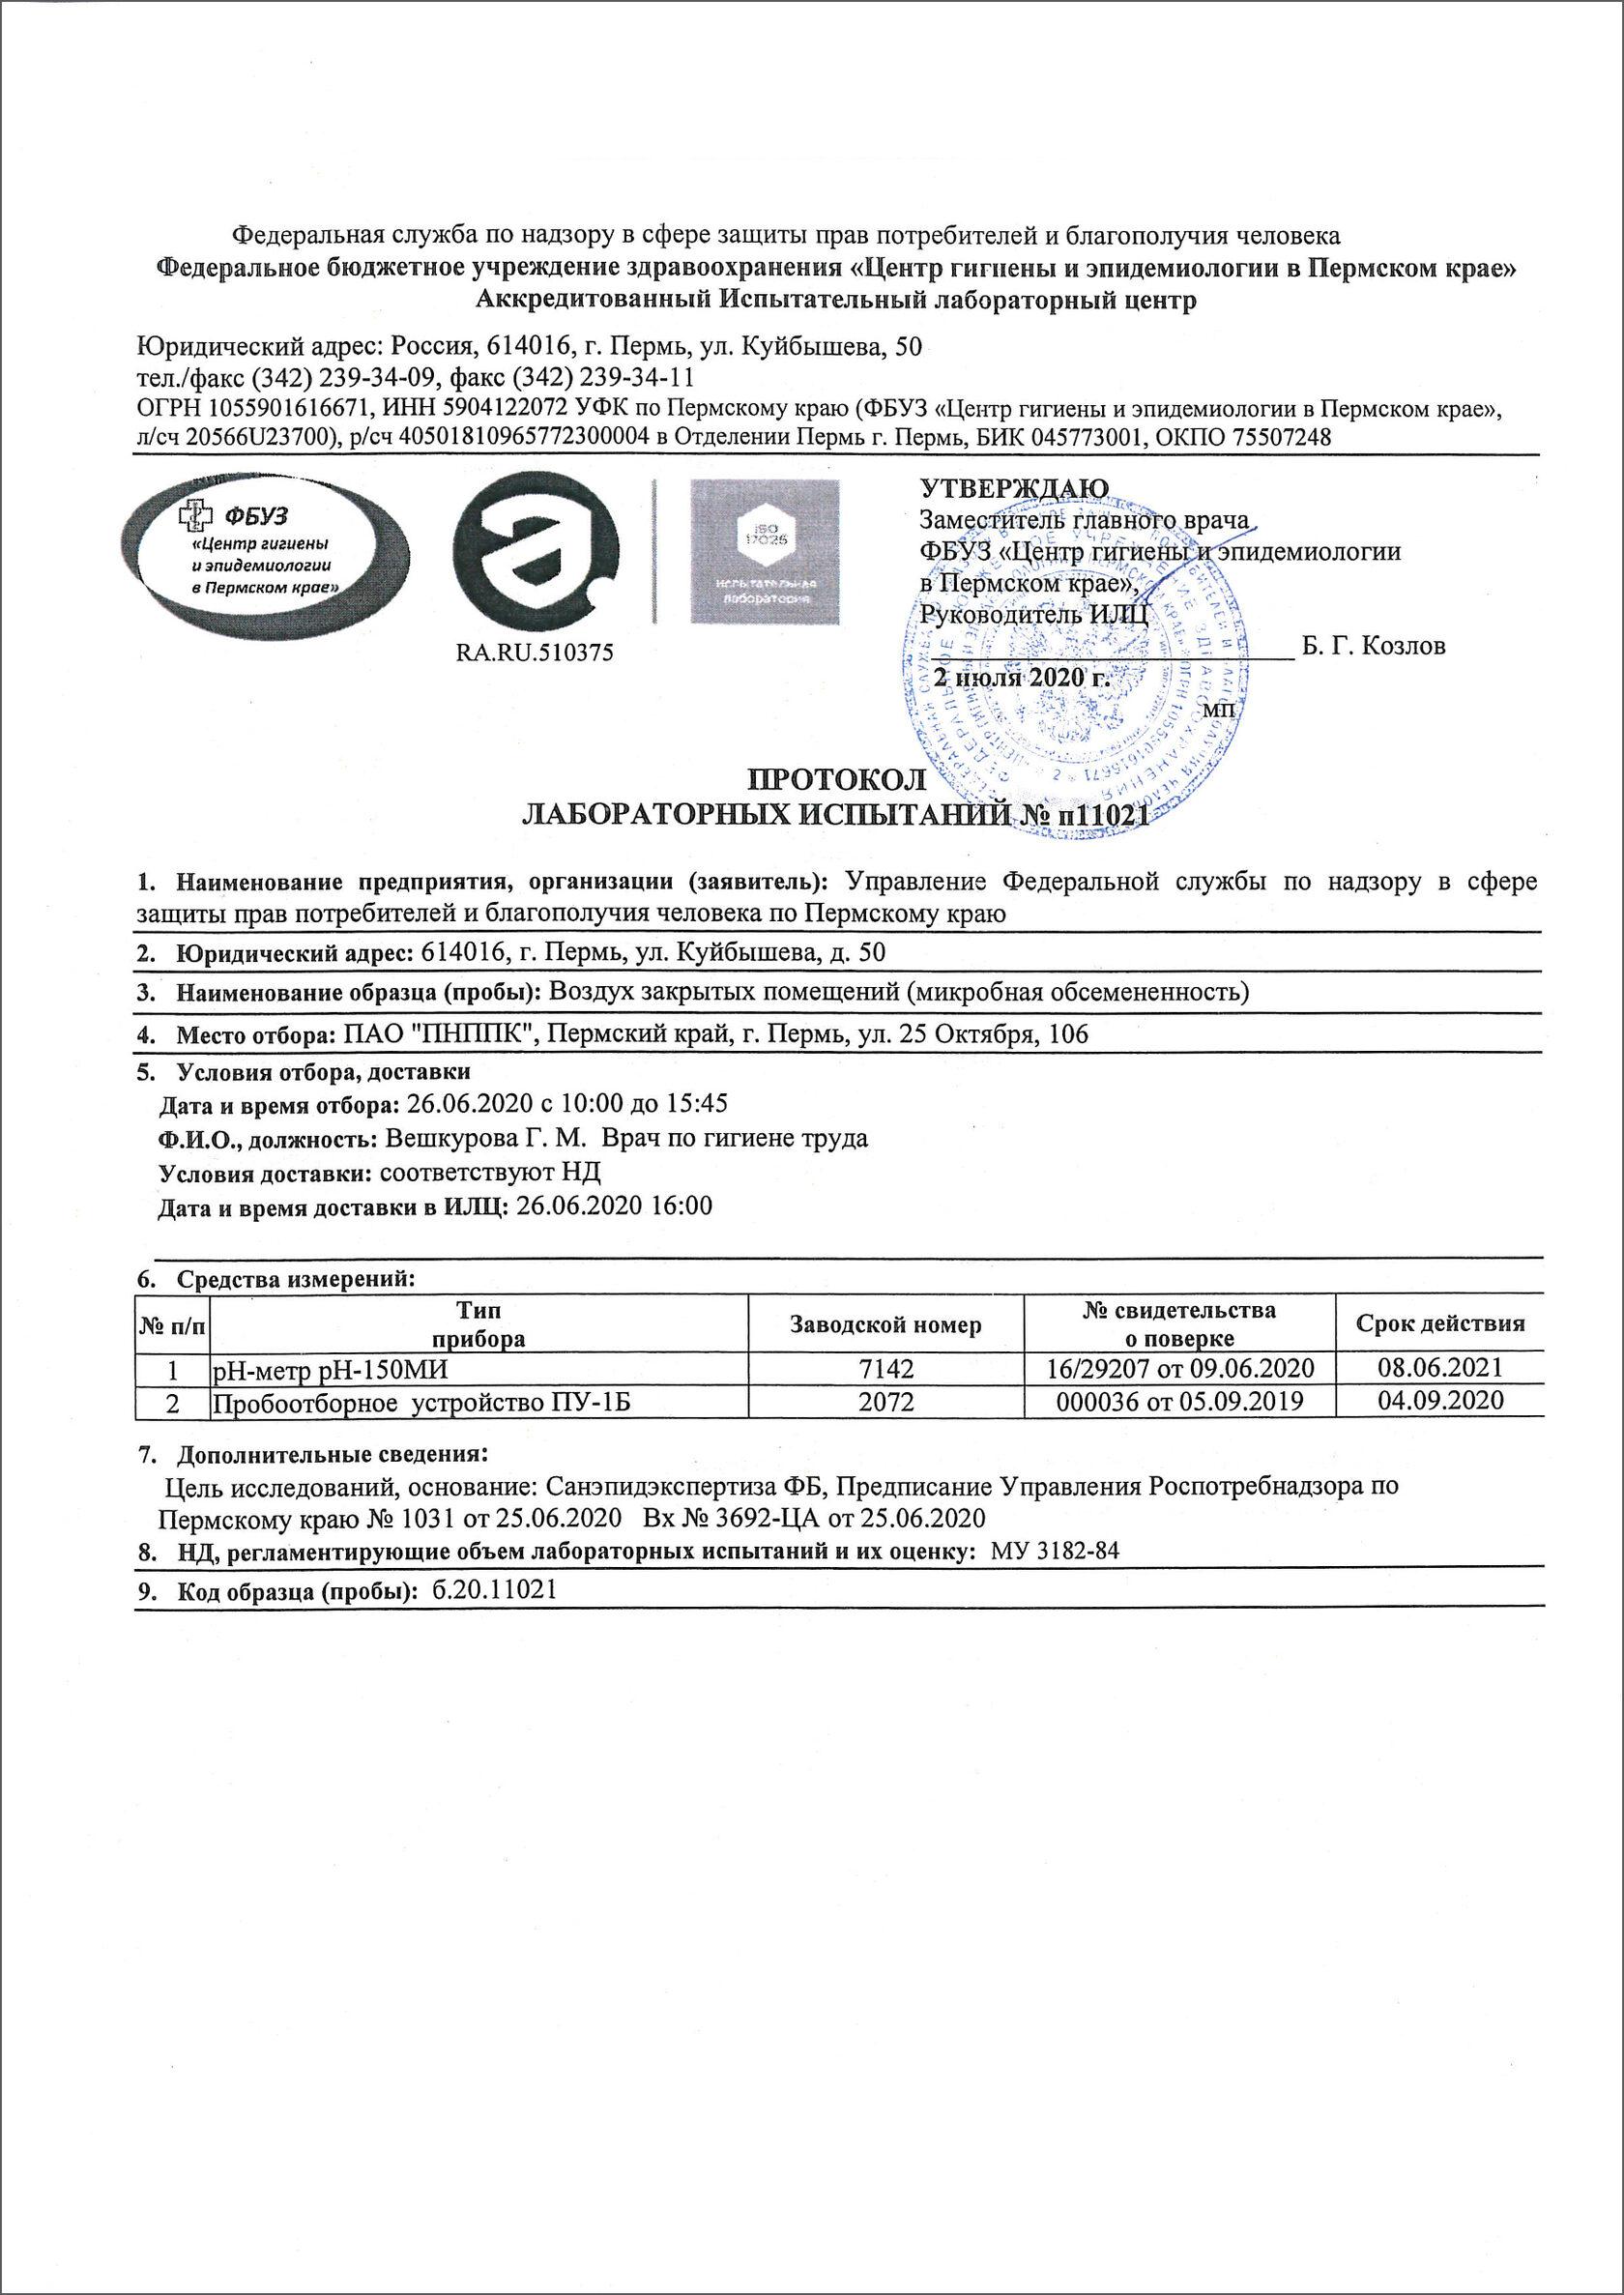 Протокол лабораторных испытаний центра гигиены и эпидемиалогии в Пермском крае